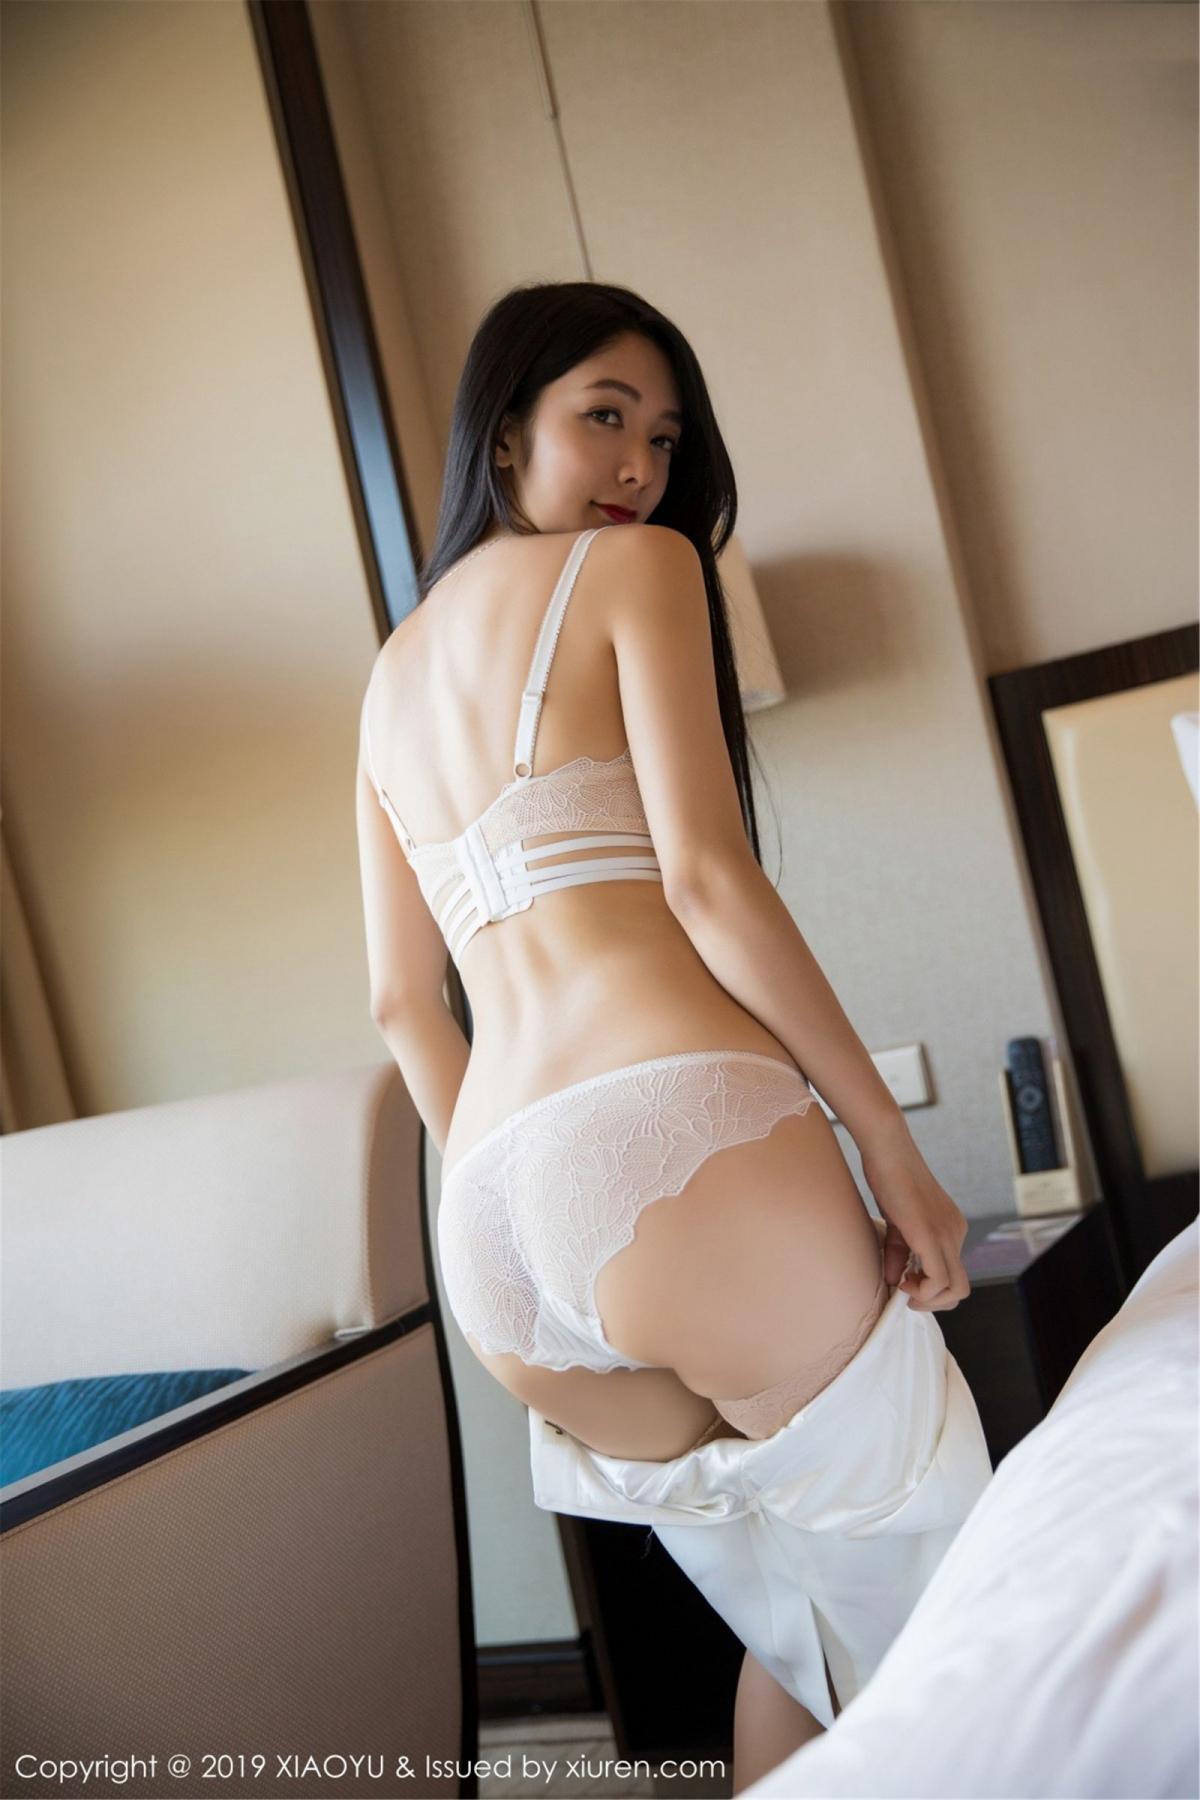 [XiaoYu] Vol.052 desertrmb 15P, Di Yi, Foot, Underwear, XiaoYu